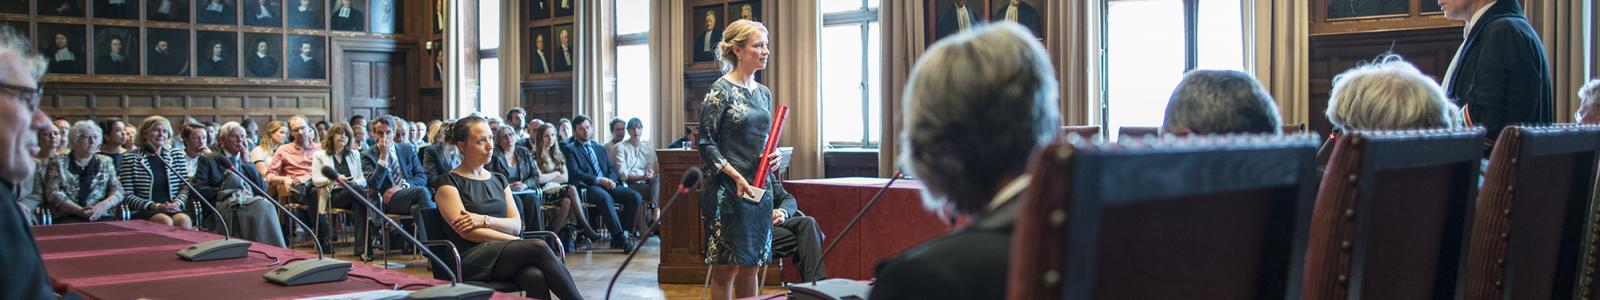 Promotieplechtigheid in de Senaatszaal van het Academiegebouw van de Universiteit Utrecht.